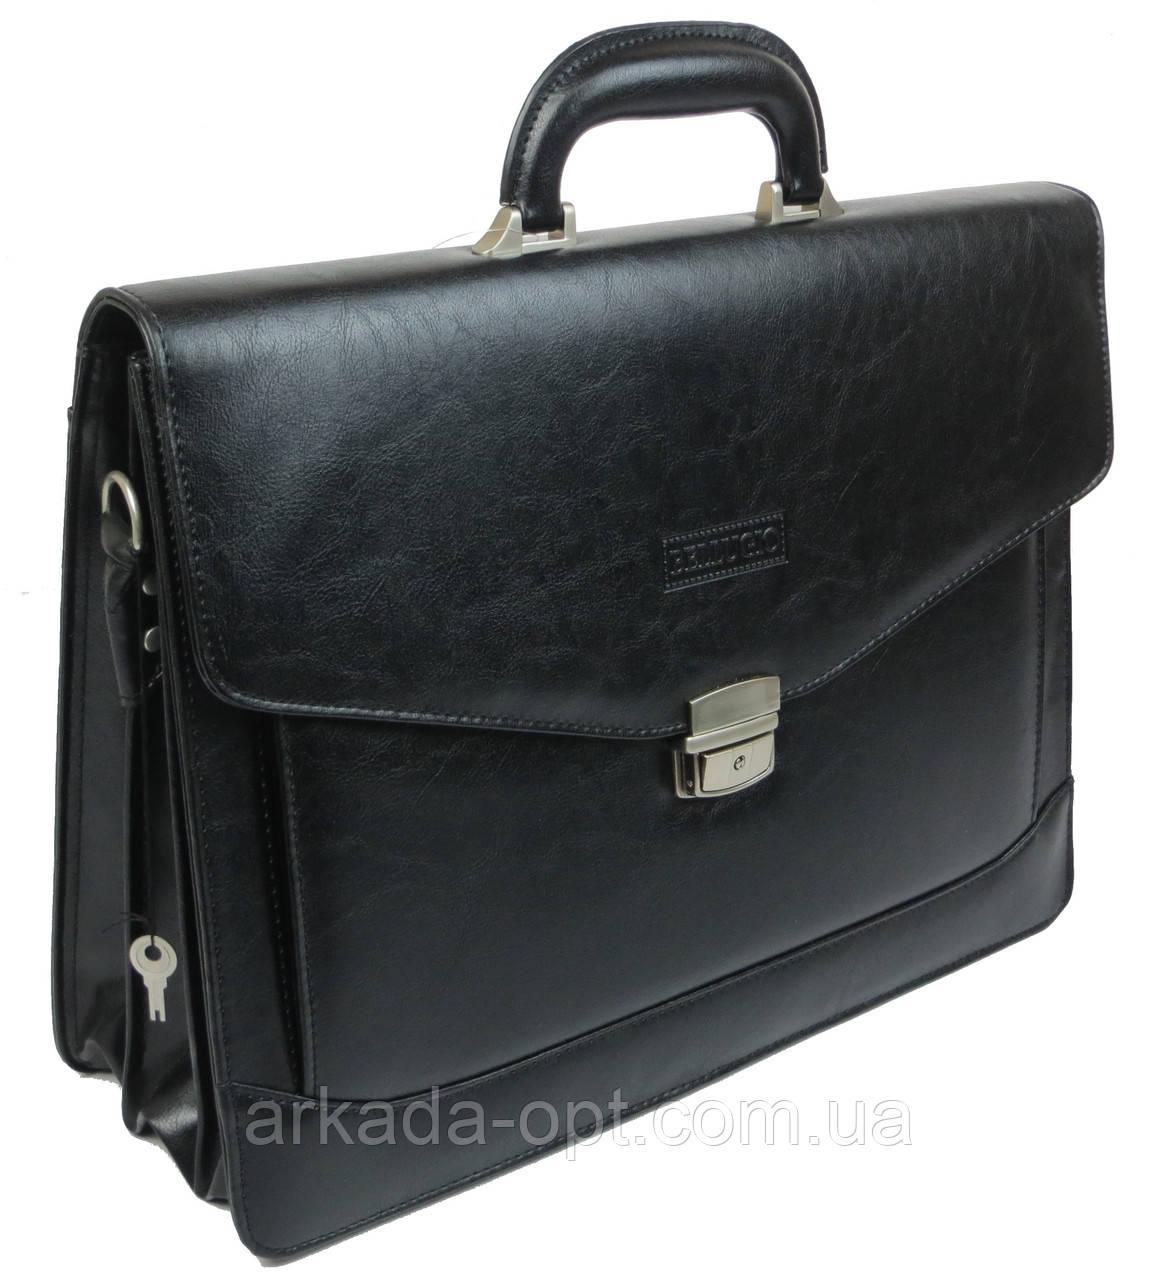 Чоловічий портфель Bellugio Чорний (T0017)